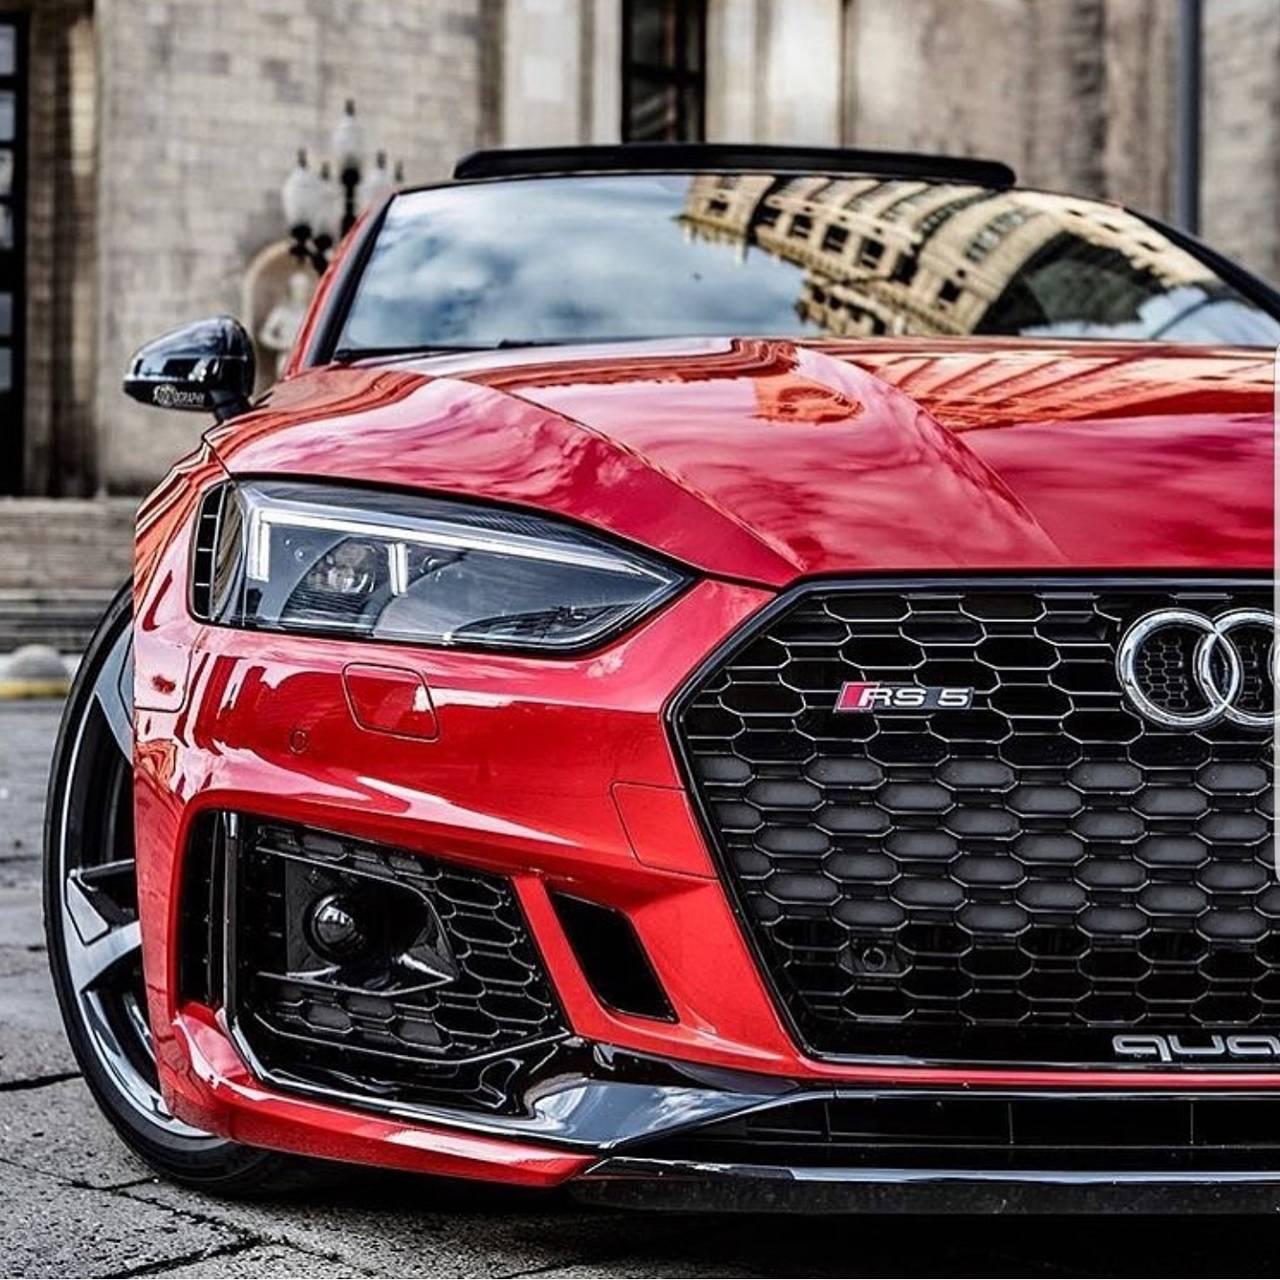 Audi Rs5 Audi Rs5 B9 Iphone 1280x1280 Download Hd Wallpaper Wallpapertip